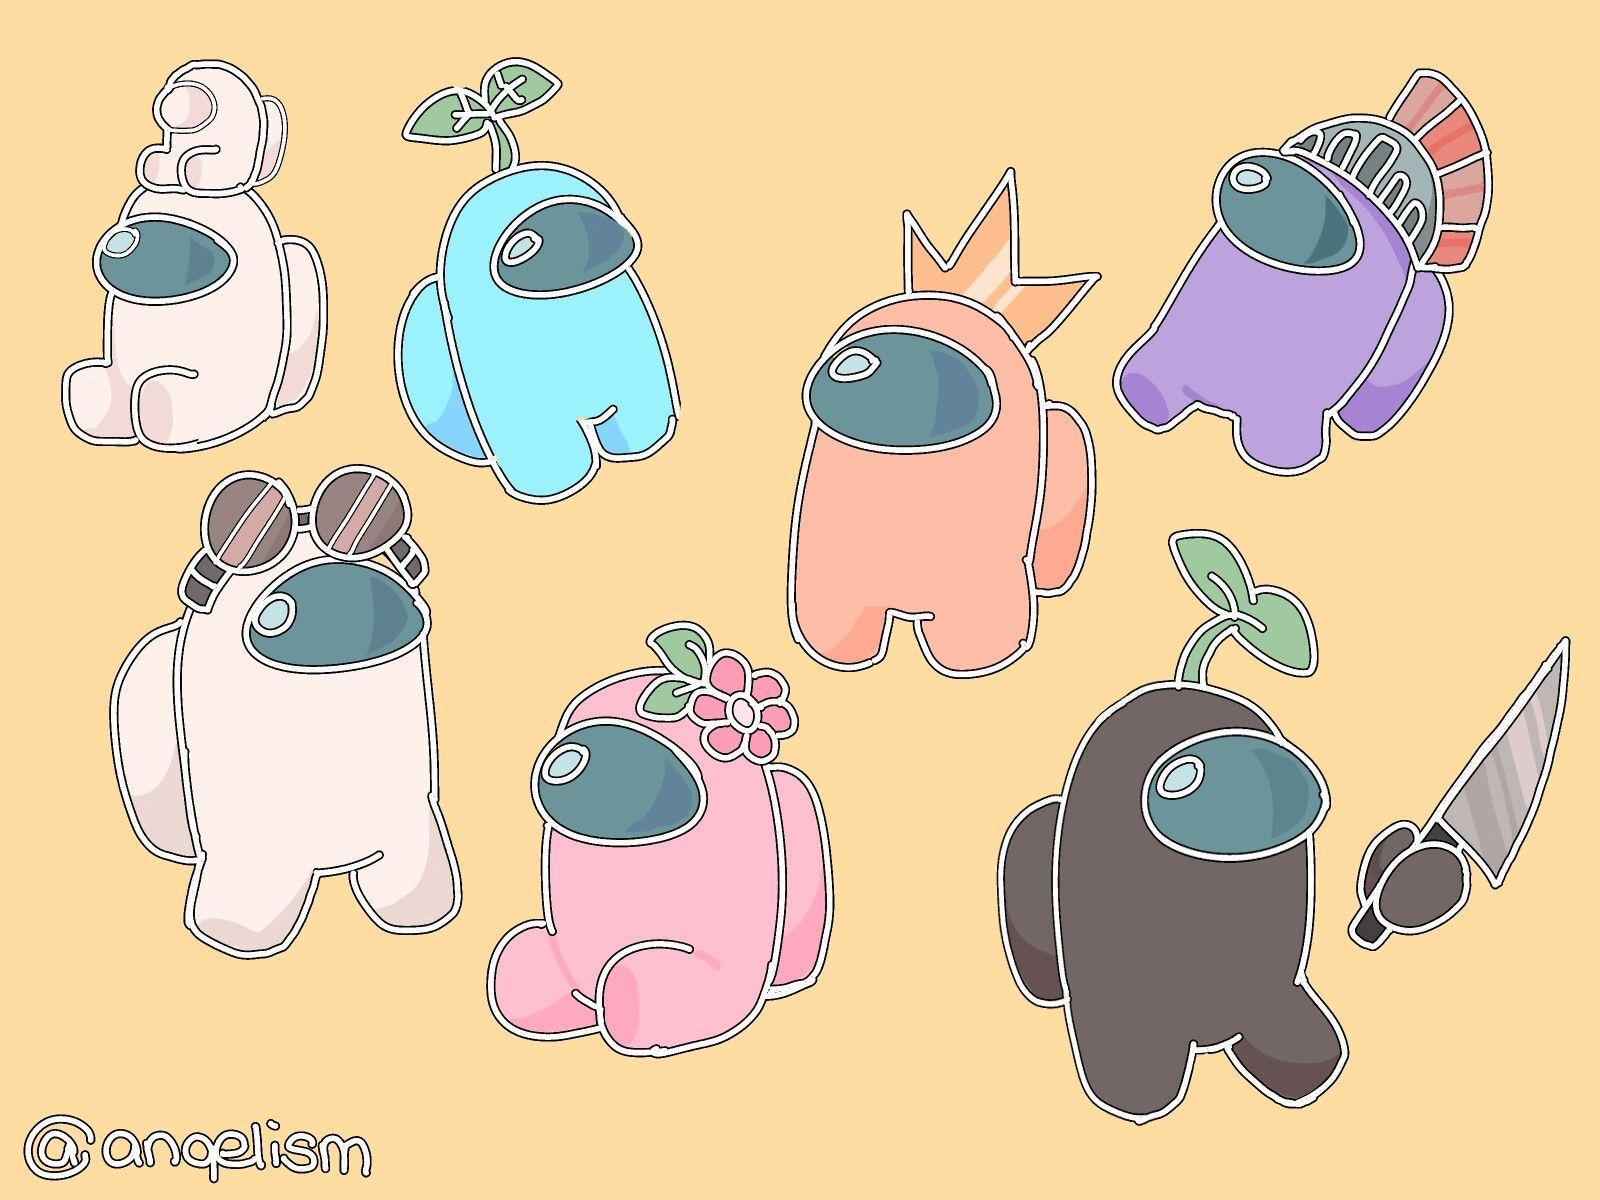 Among Us Cute Cartoon Wallpapers Cute Drawings Wallpaper Iphone Cute